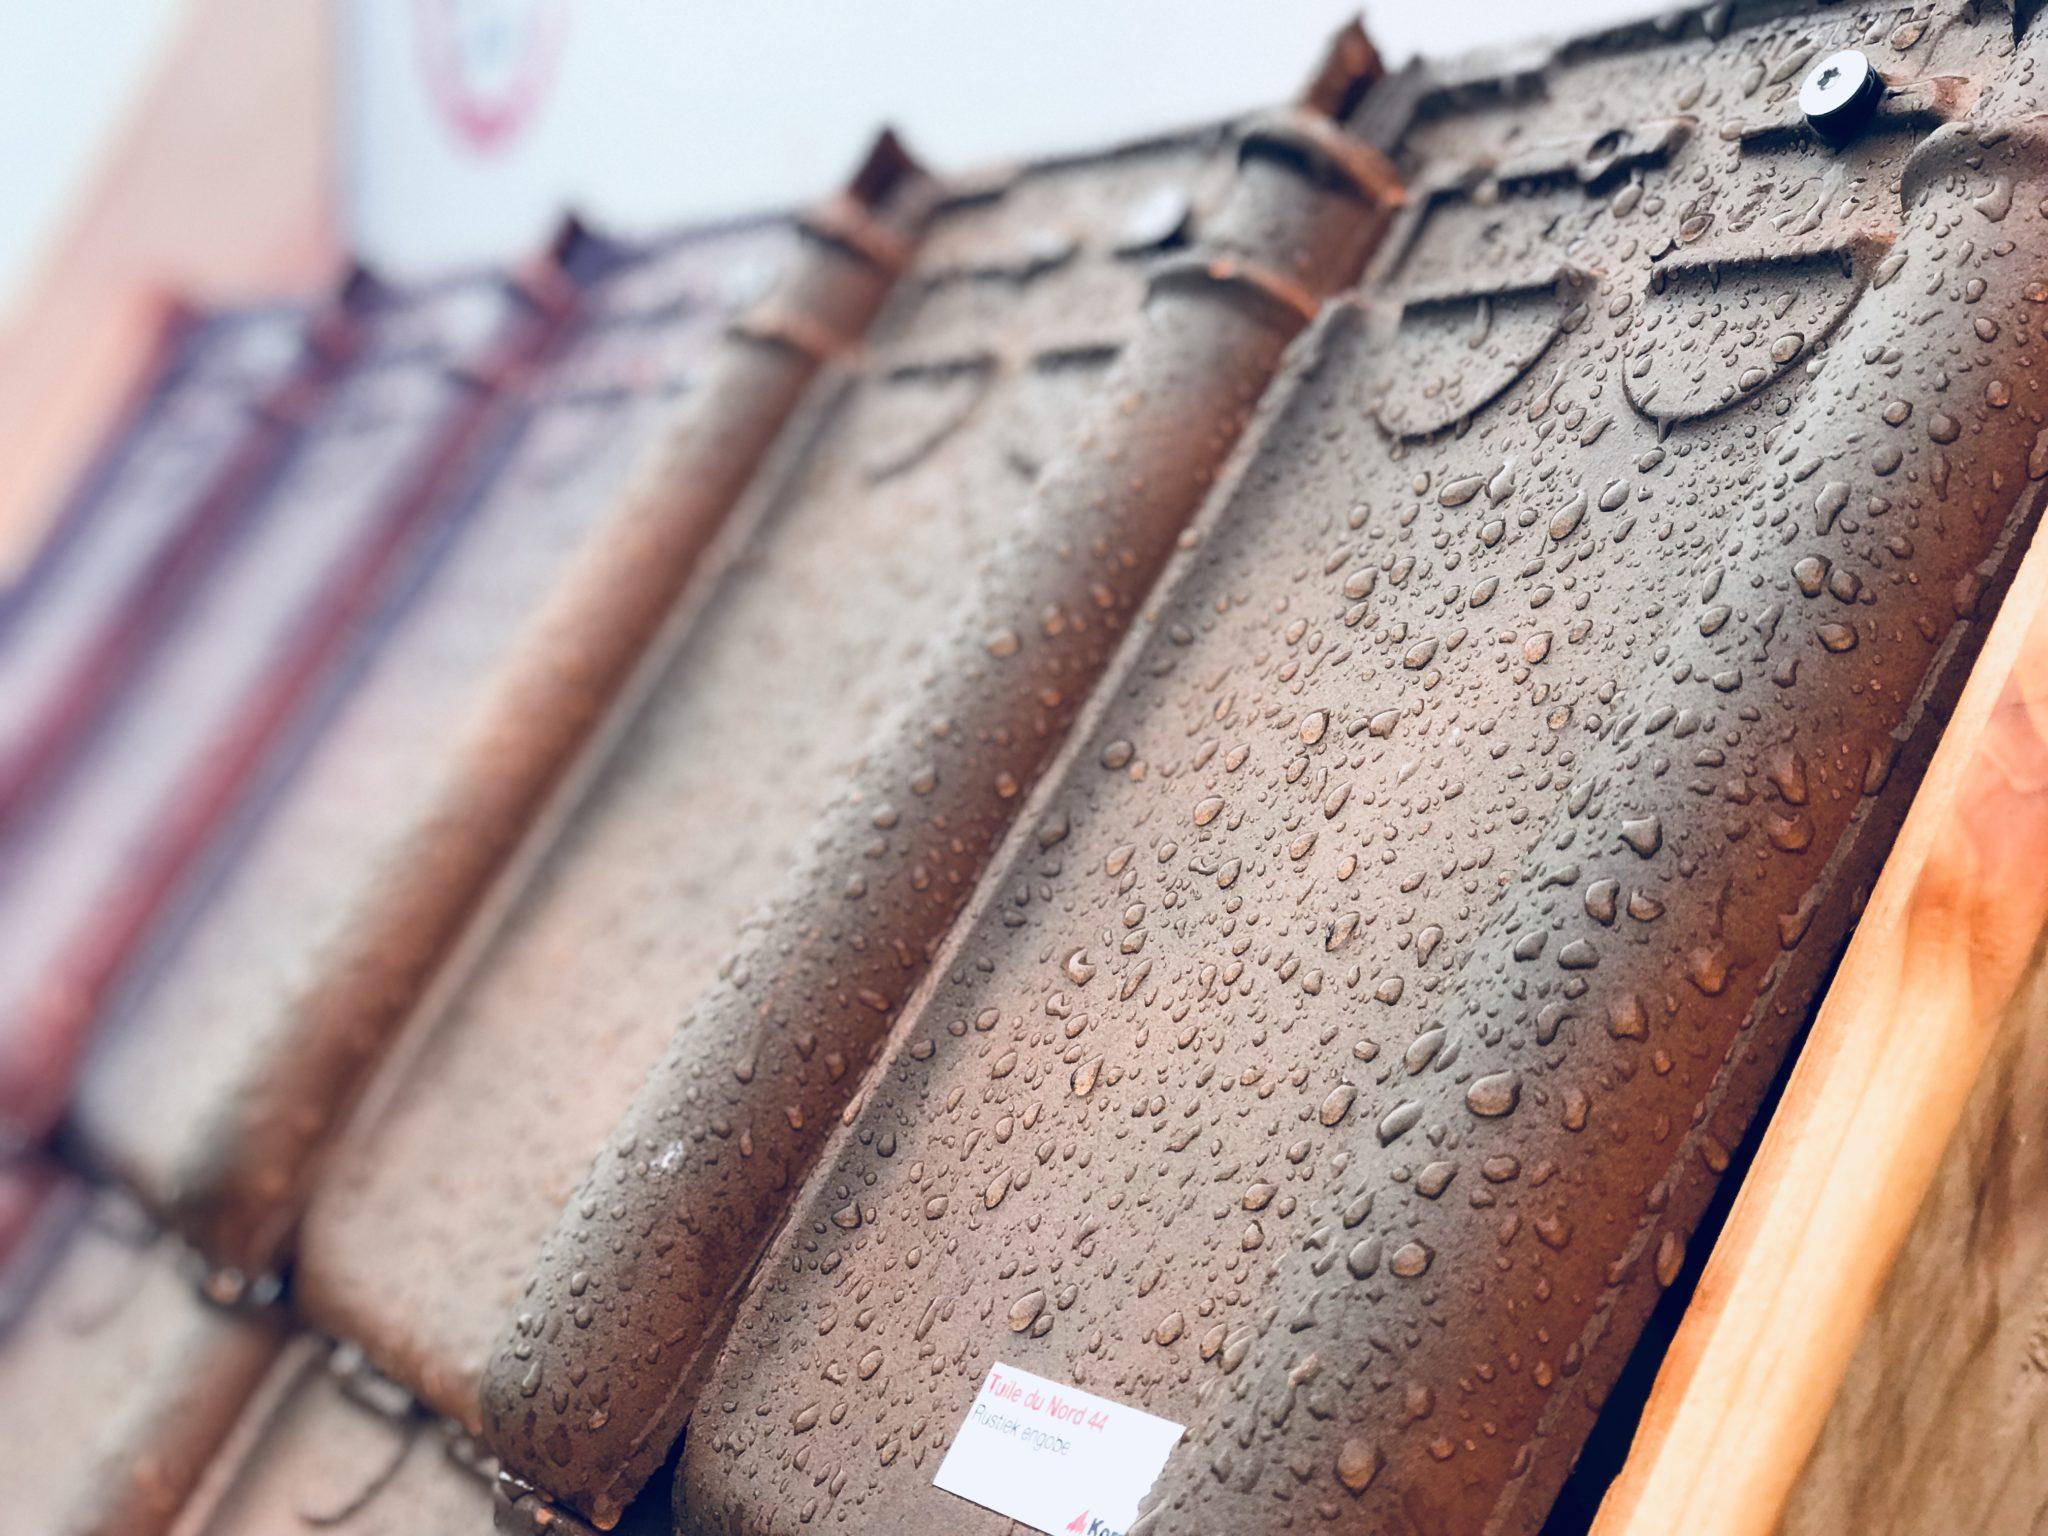 Mundimat Dakmaterialen | nieuwe dakpannen en hulpstukken verankeren